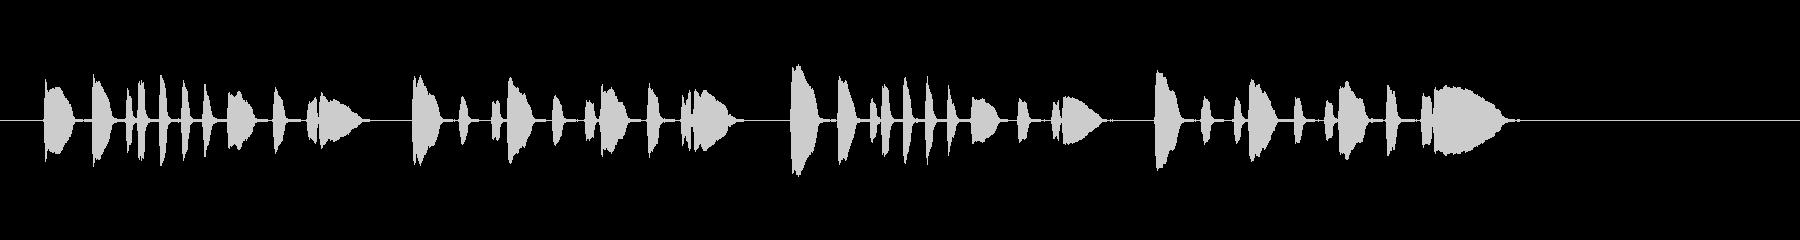 ビューグル敬礼ロイヤル-軍事、ビュ...の未再生の波形